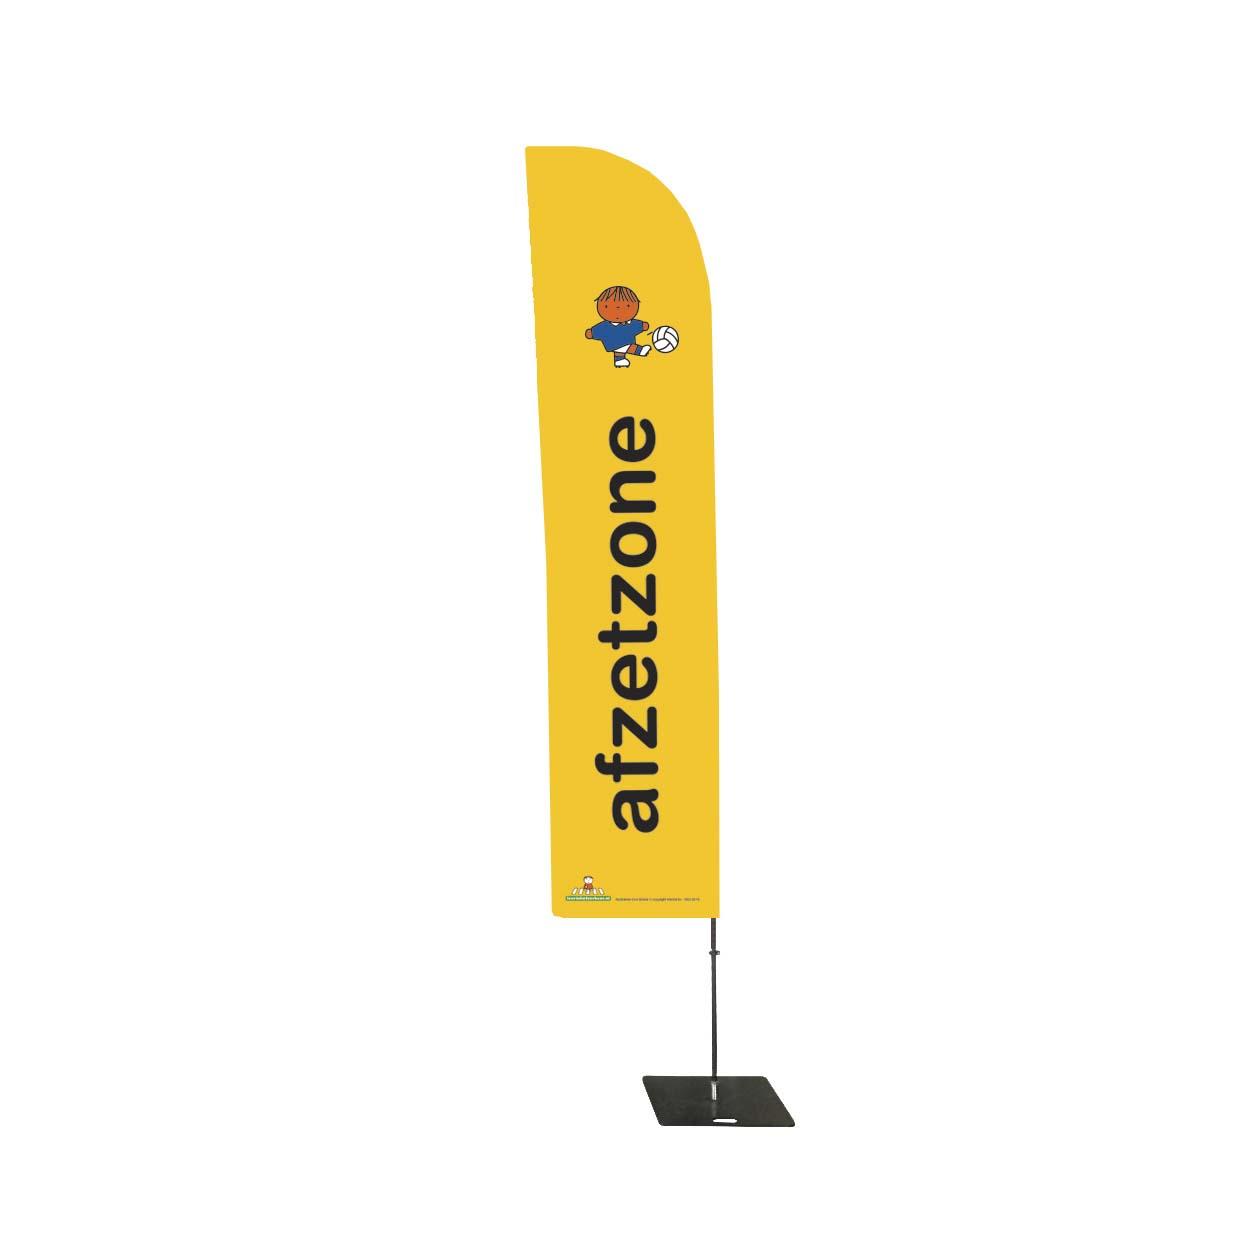 afzet vlag voor kinderen en ouder op sportclub als markeren van afzetplaats waar ze kind die voetbalt of hockeyt kunnen afgeven aan de trainer met voetballer voetbalclub